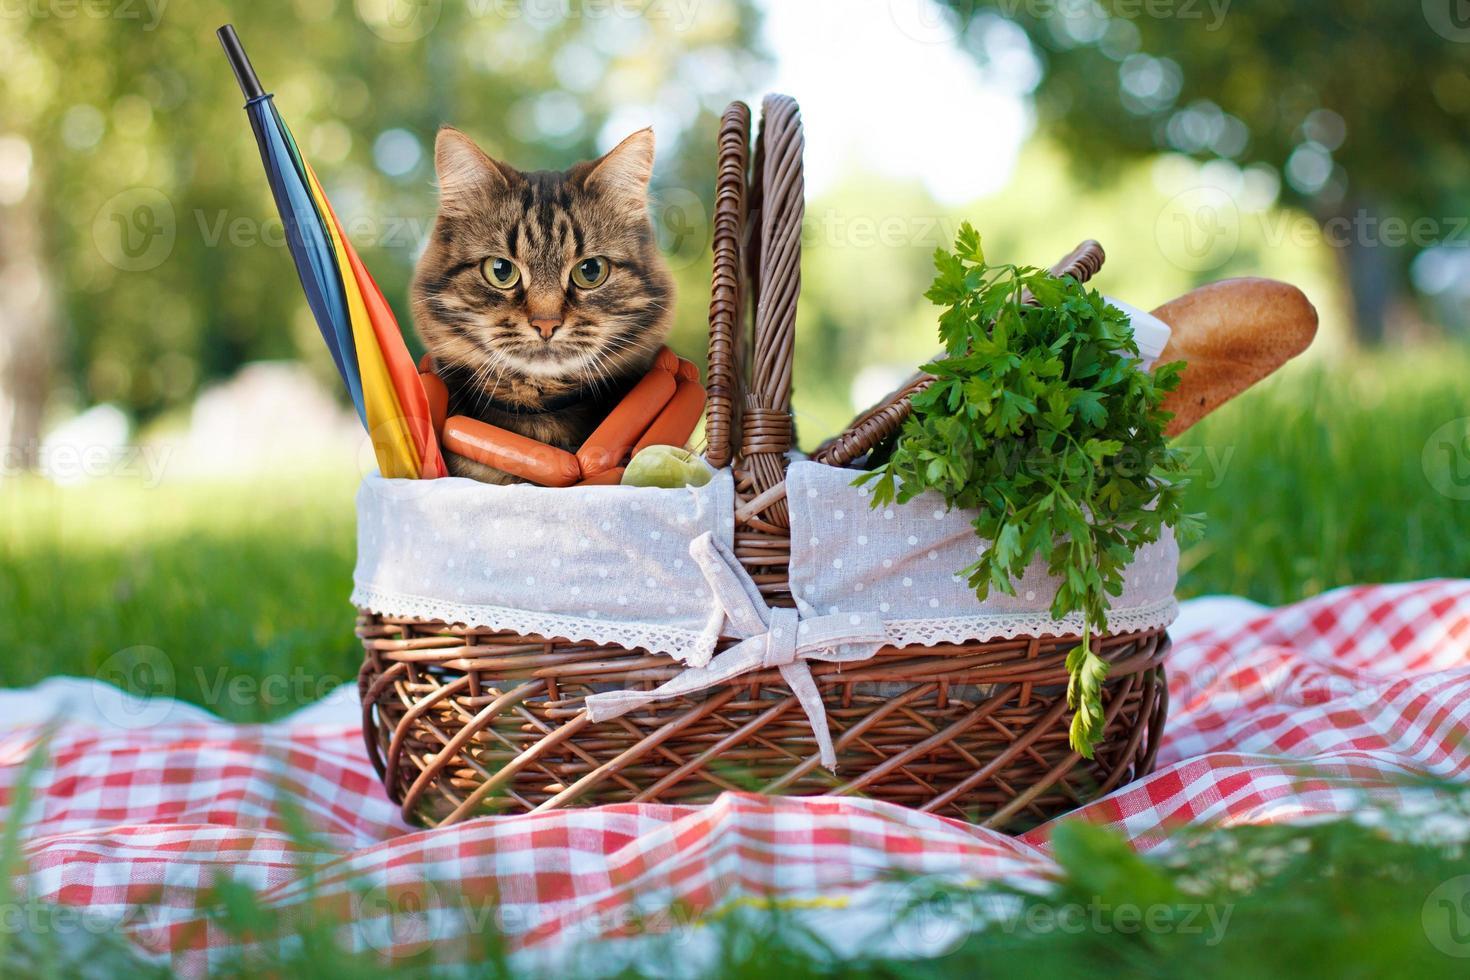 grappige kat op een picknick. mooie zomerdag foto